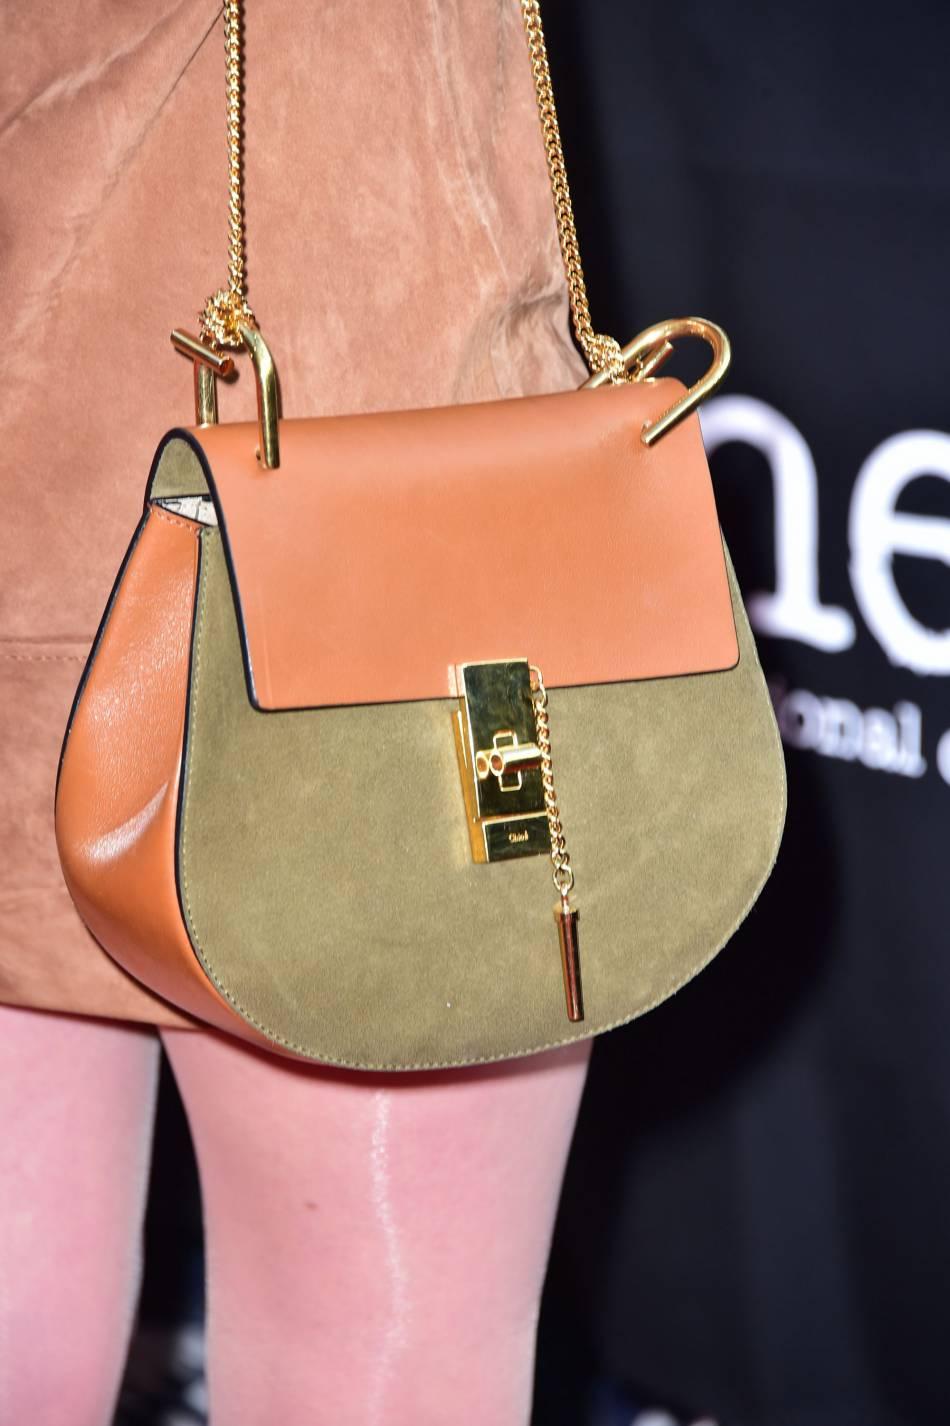 Ludivine Sagnier adopte un joli petit sac signé Chloé, marque avec laquelle elle entretient une relation privilégiée.